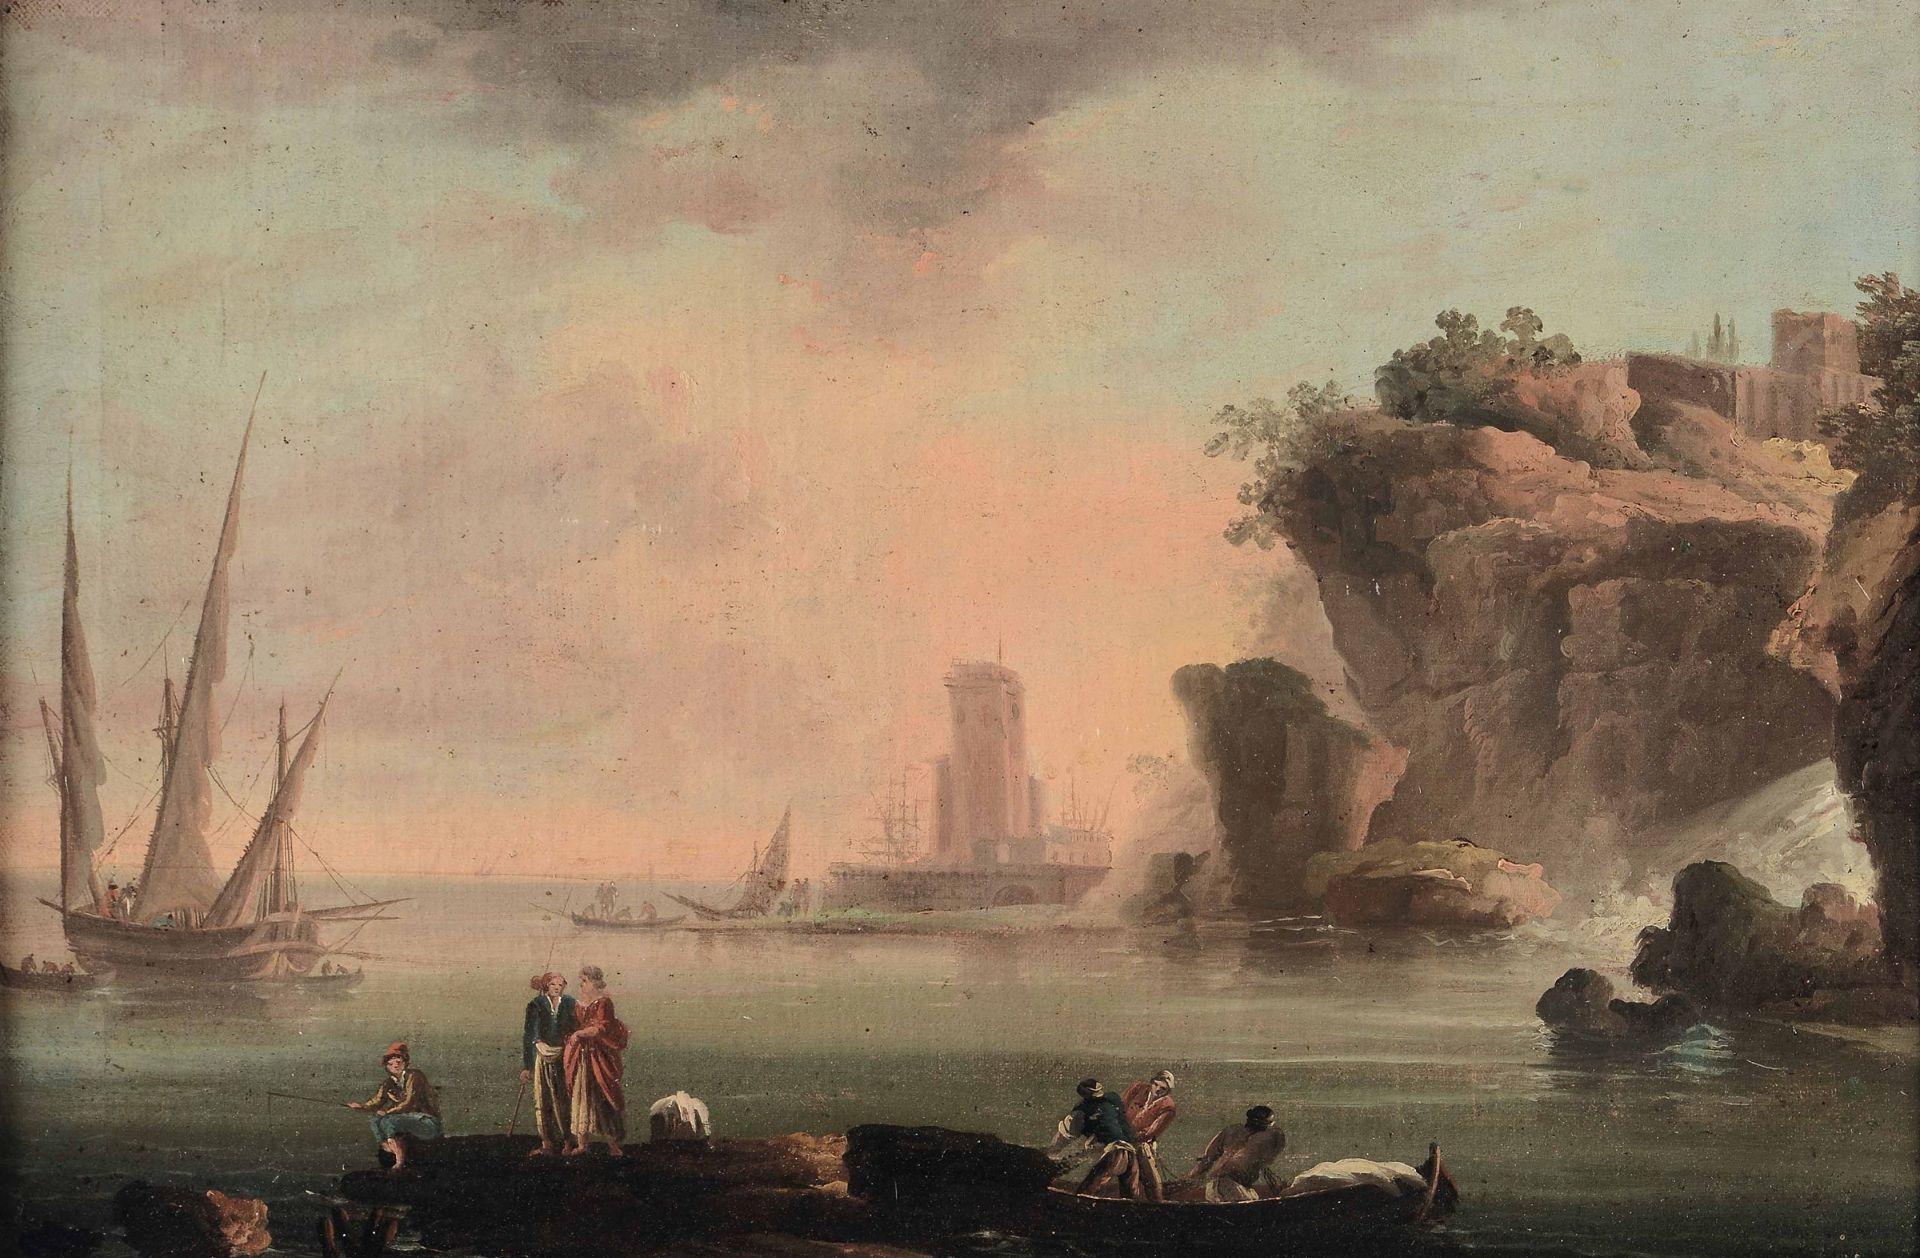 Francesco Fidanza (Roma 1747 - Milano 1819), attribuito a, Veduta costiera con [...]